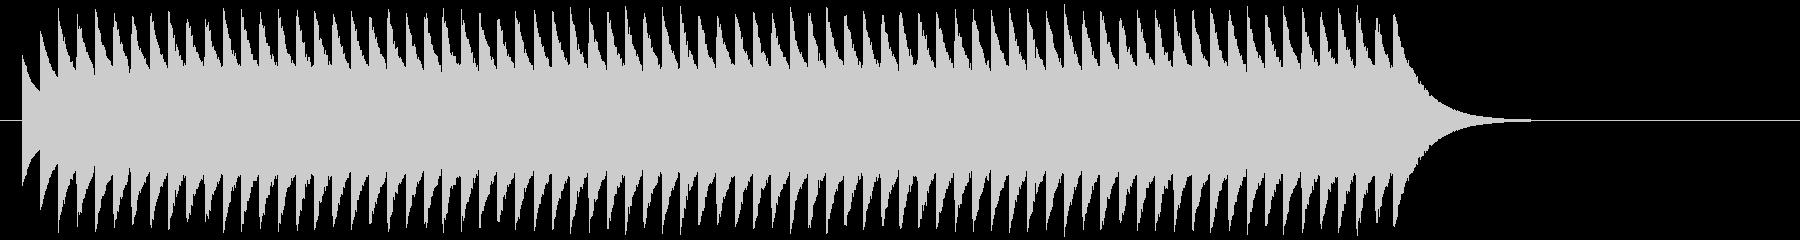 マシンガンを連射している音の未再生の波形